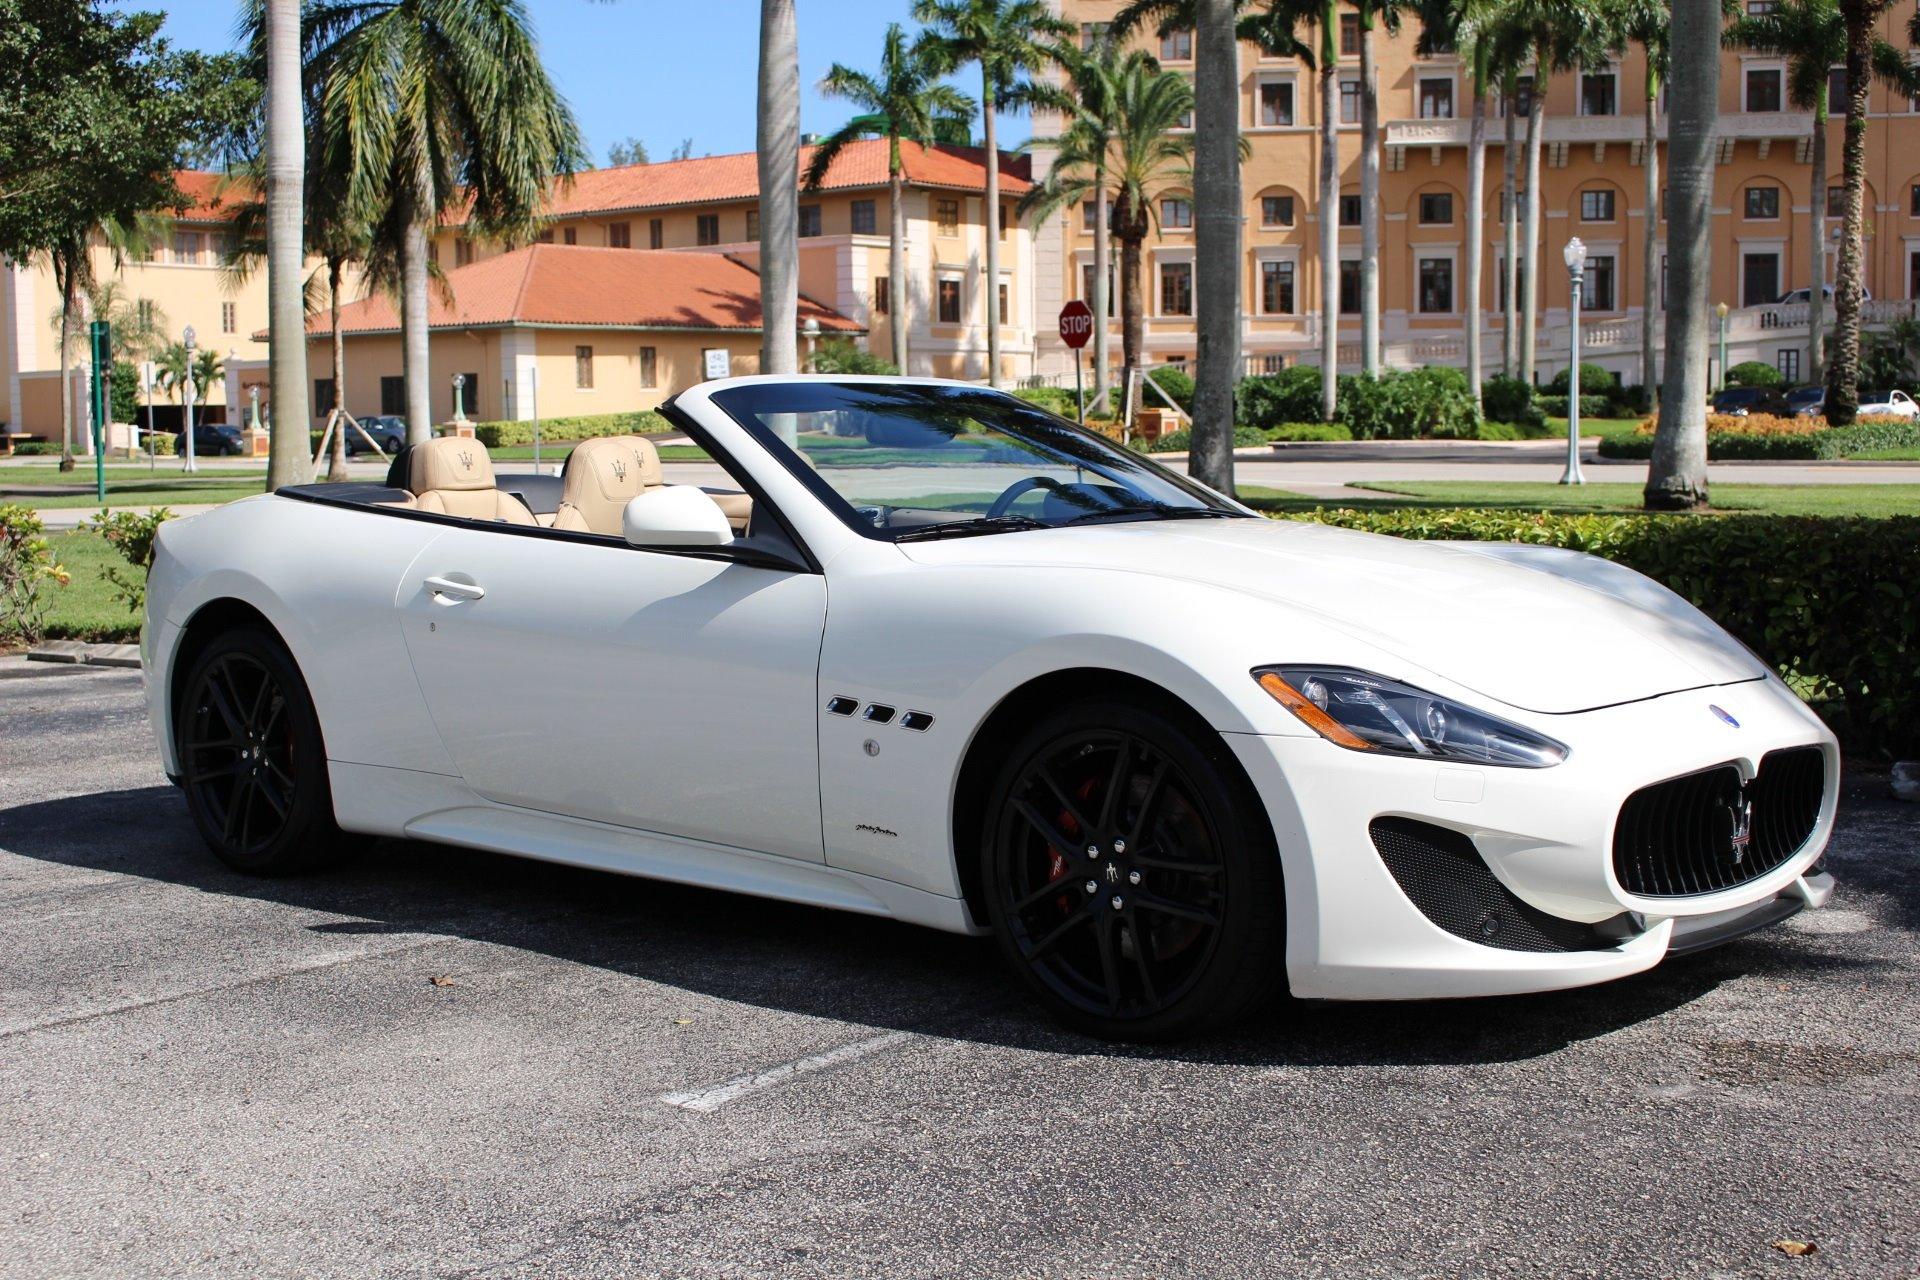 Used 2015 Maserati GranTurismo MC Centennial for sale $56,850 at The Gables Sports Cars in Miami FL 33146 4